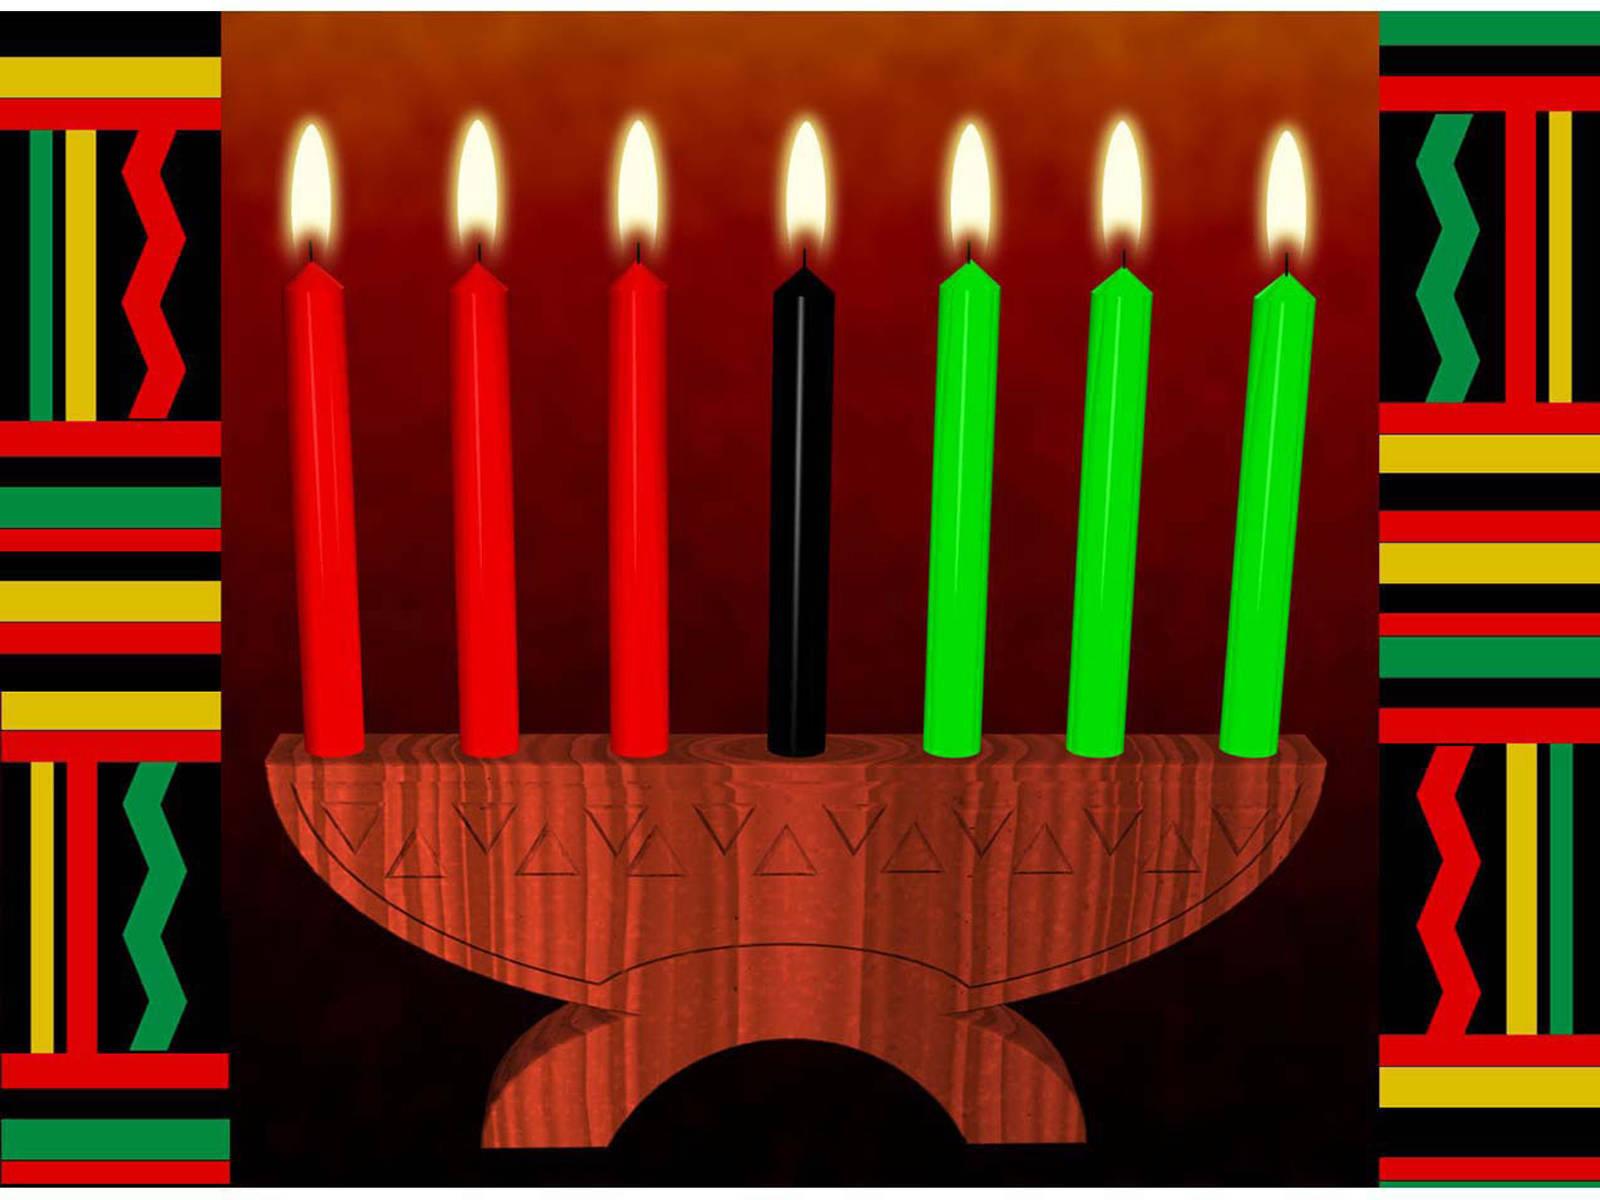 28th Annual Kwanzaa Celebration At Mpl Dec 11